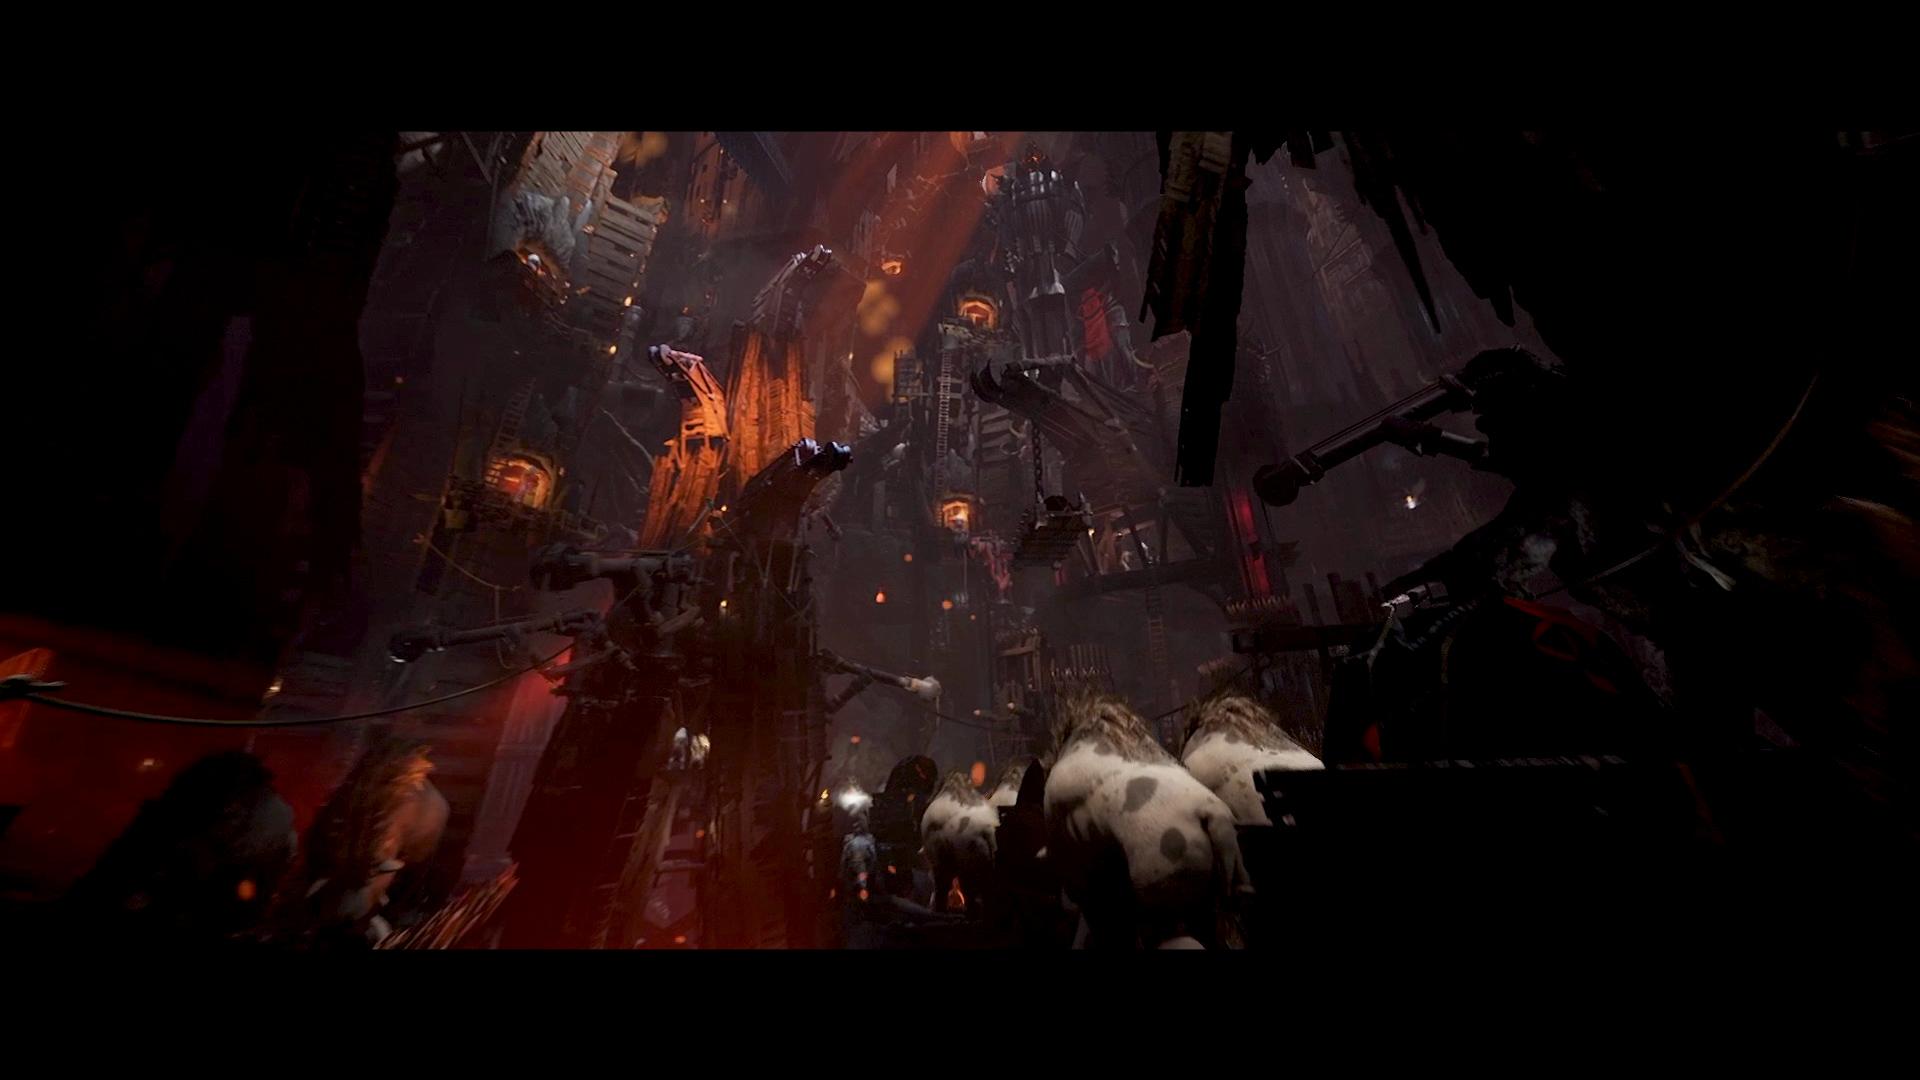 Gollum_Trailer_Still (9)